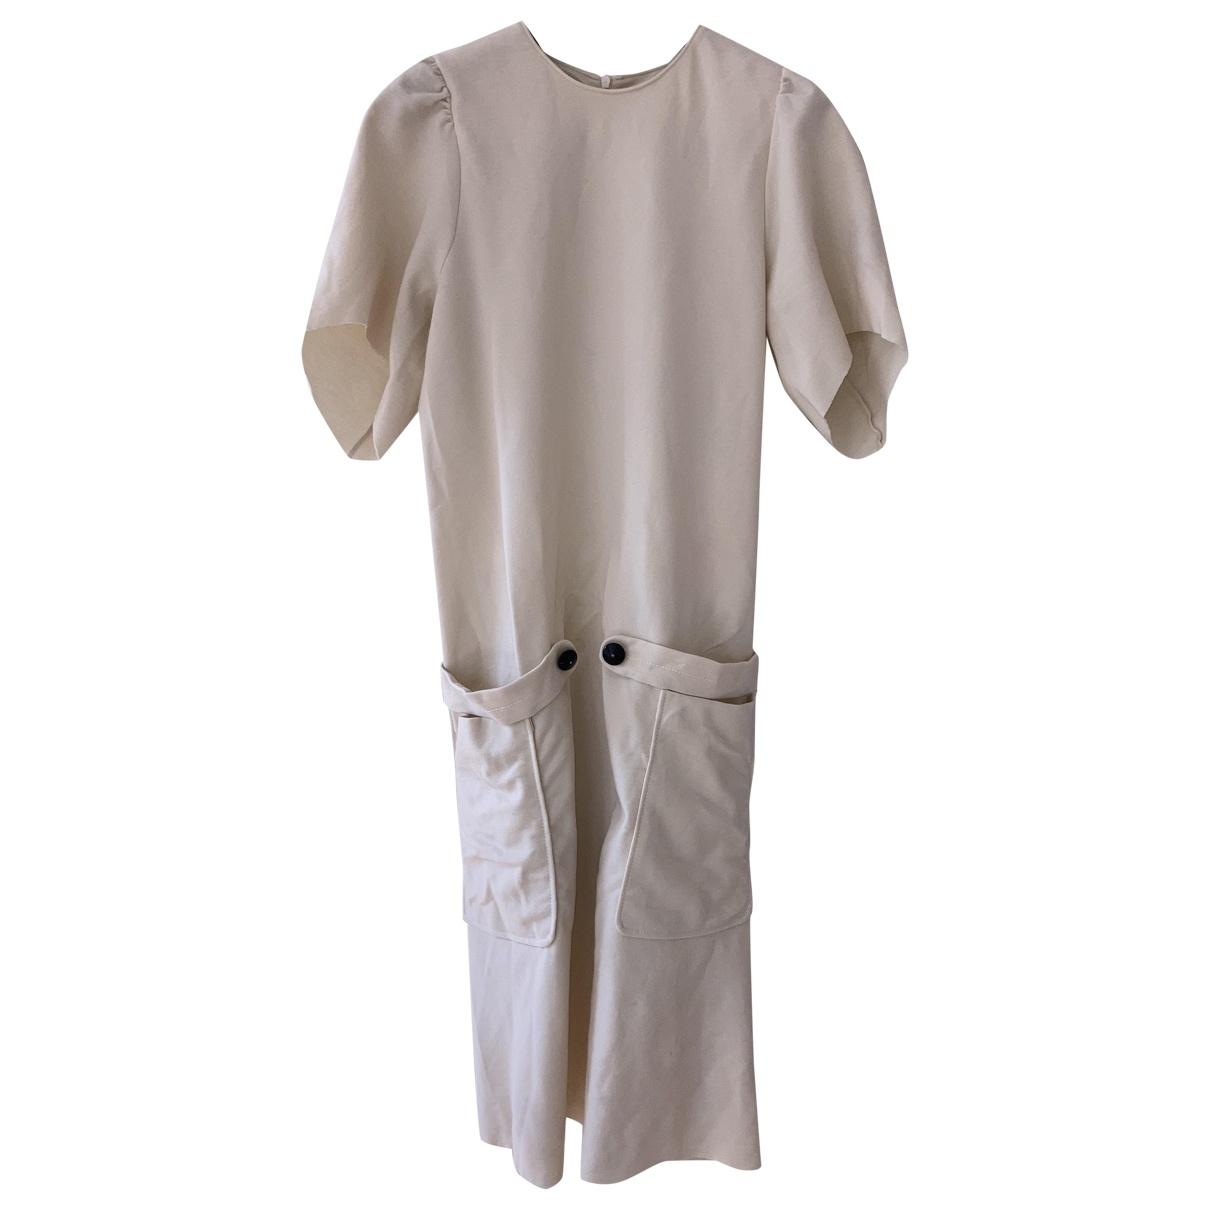 Yves Saint Laurent \N Kleid in  Weiss Wolle